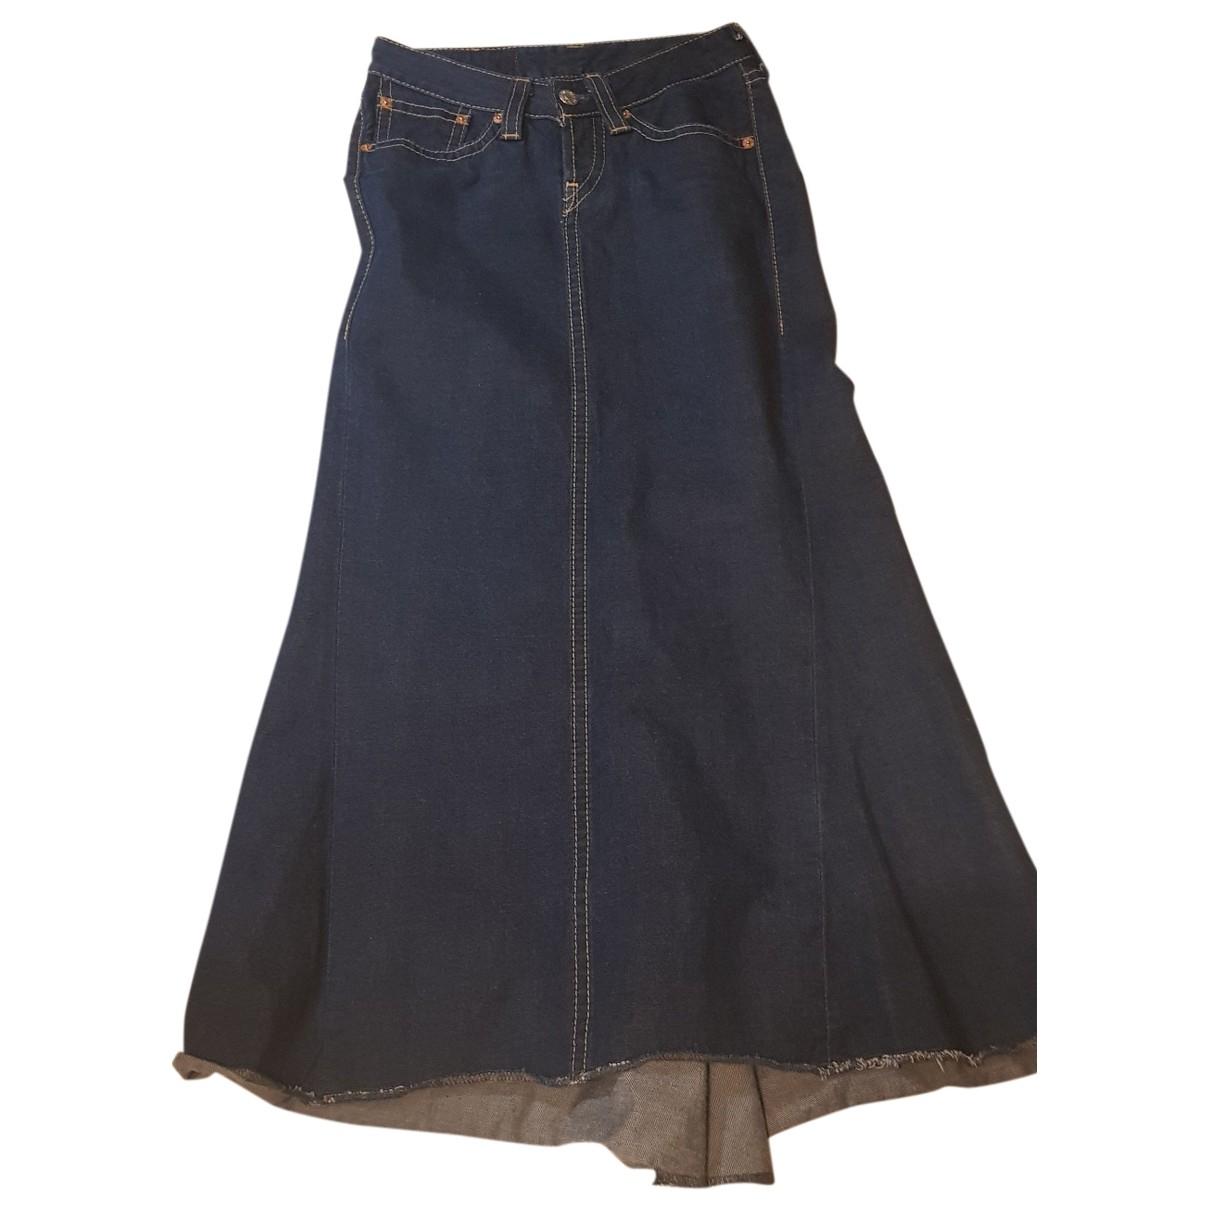 Levi's \N Blue Denim - Jeans skirt for Women 42 IT